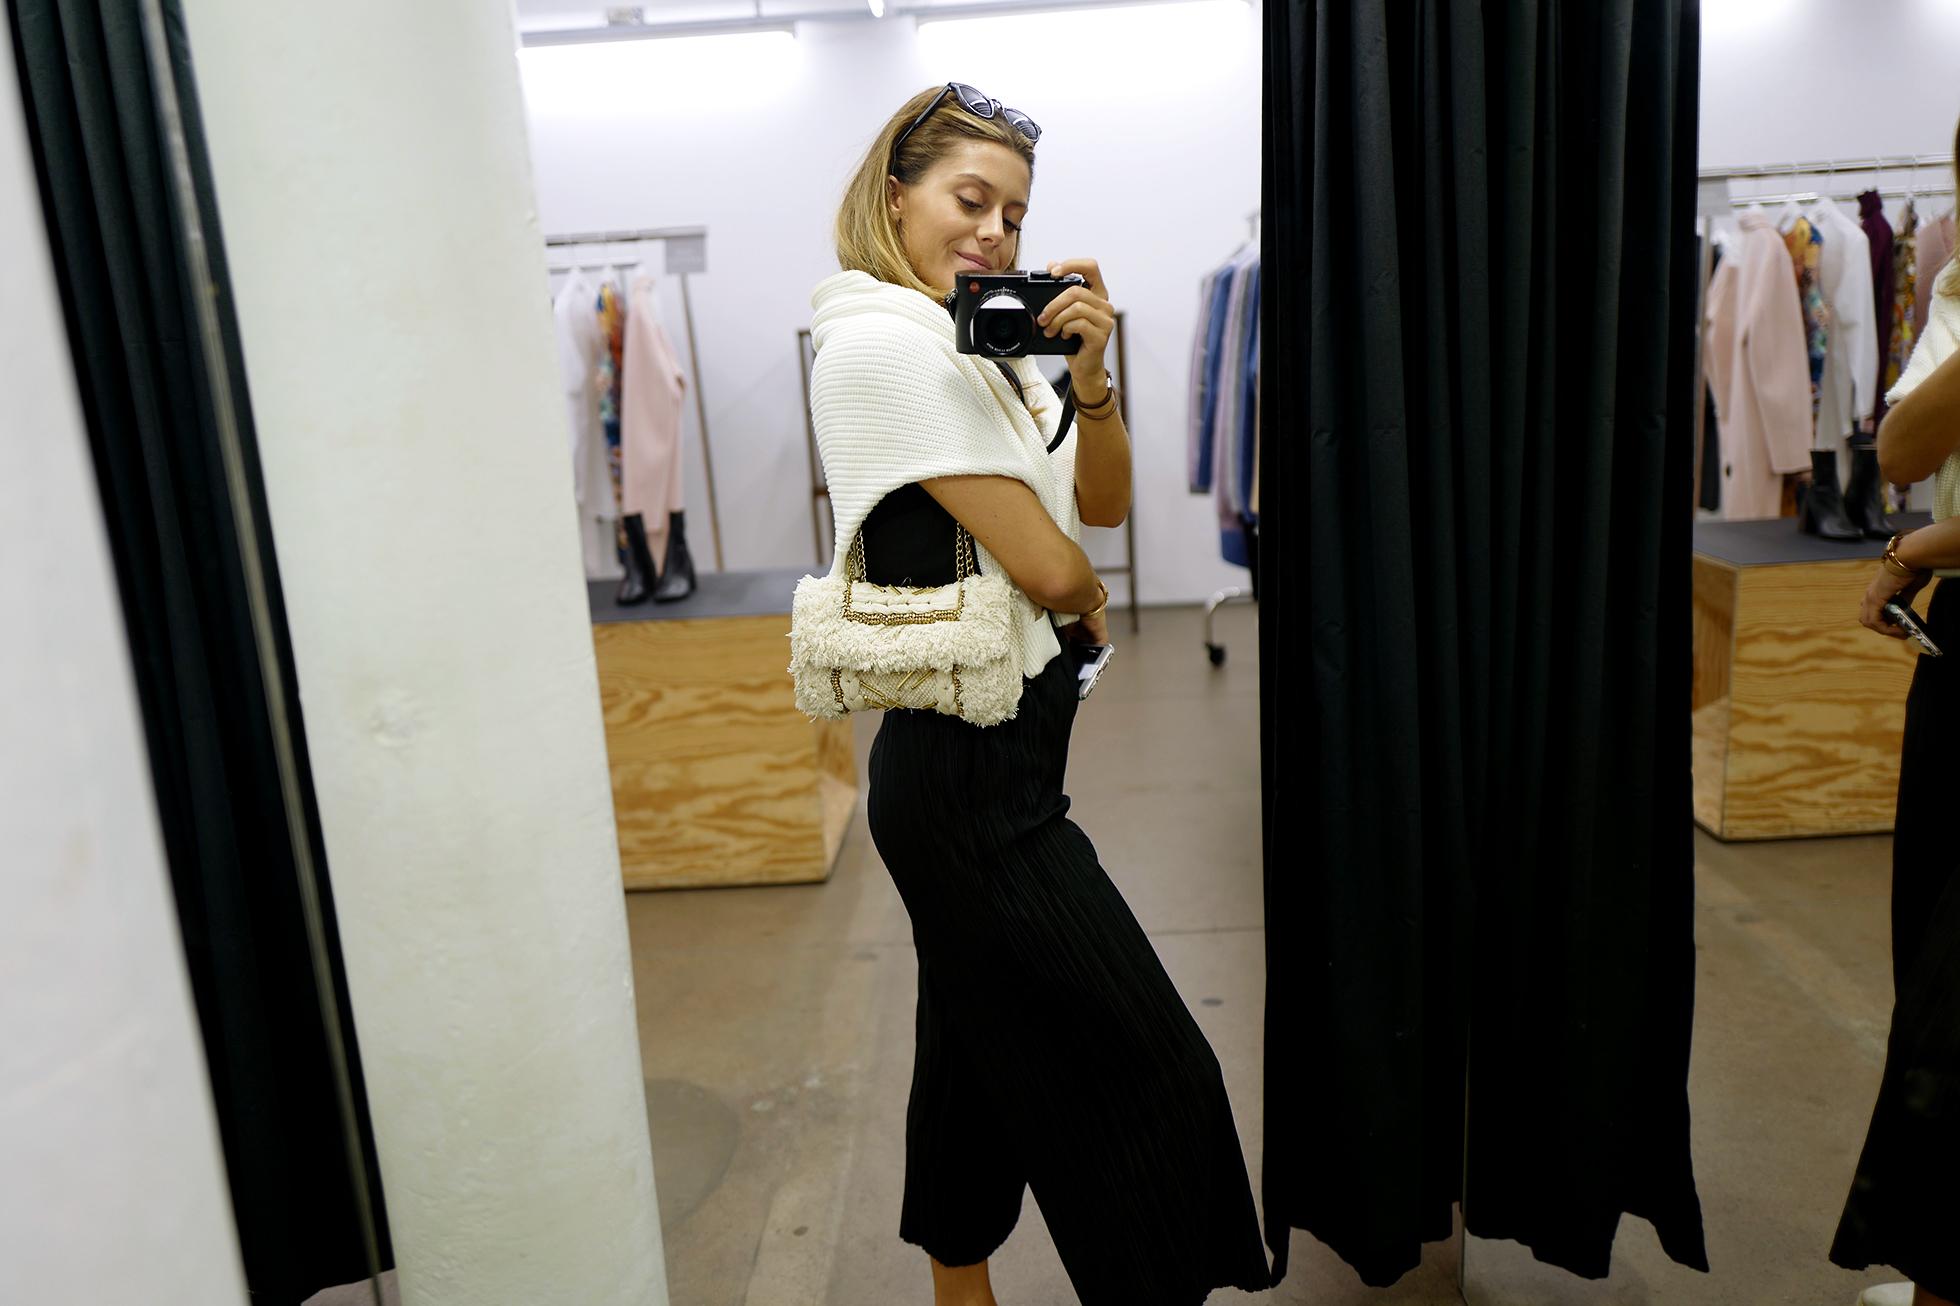 Bianca Ingrosso » EN DAG I GÖTEBORG